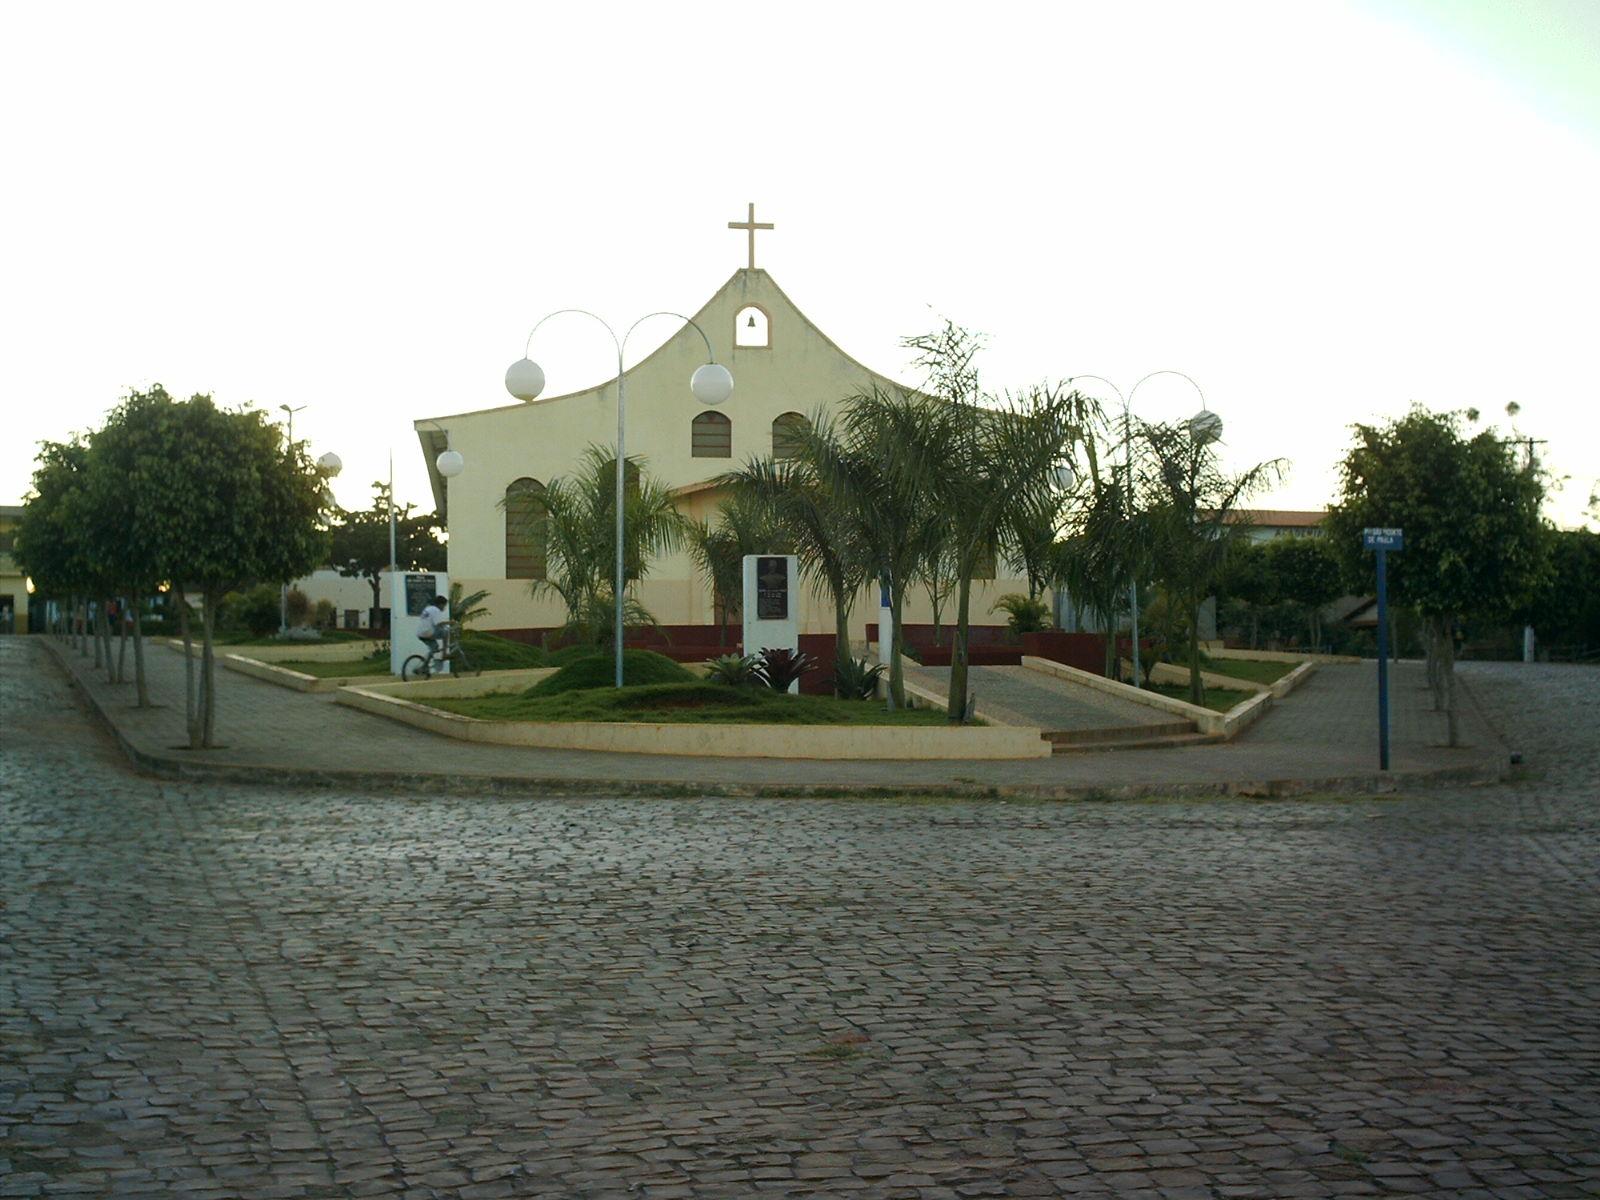 Cônego Marinho Minas Gerais fonte: 1.bp.blogspot.com